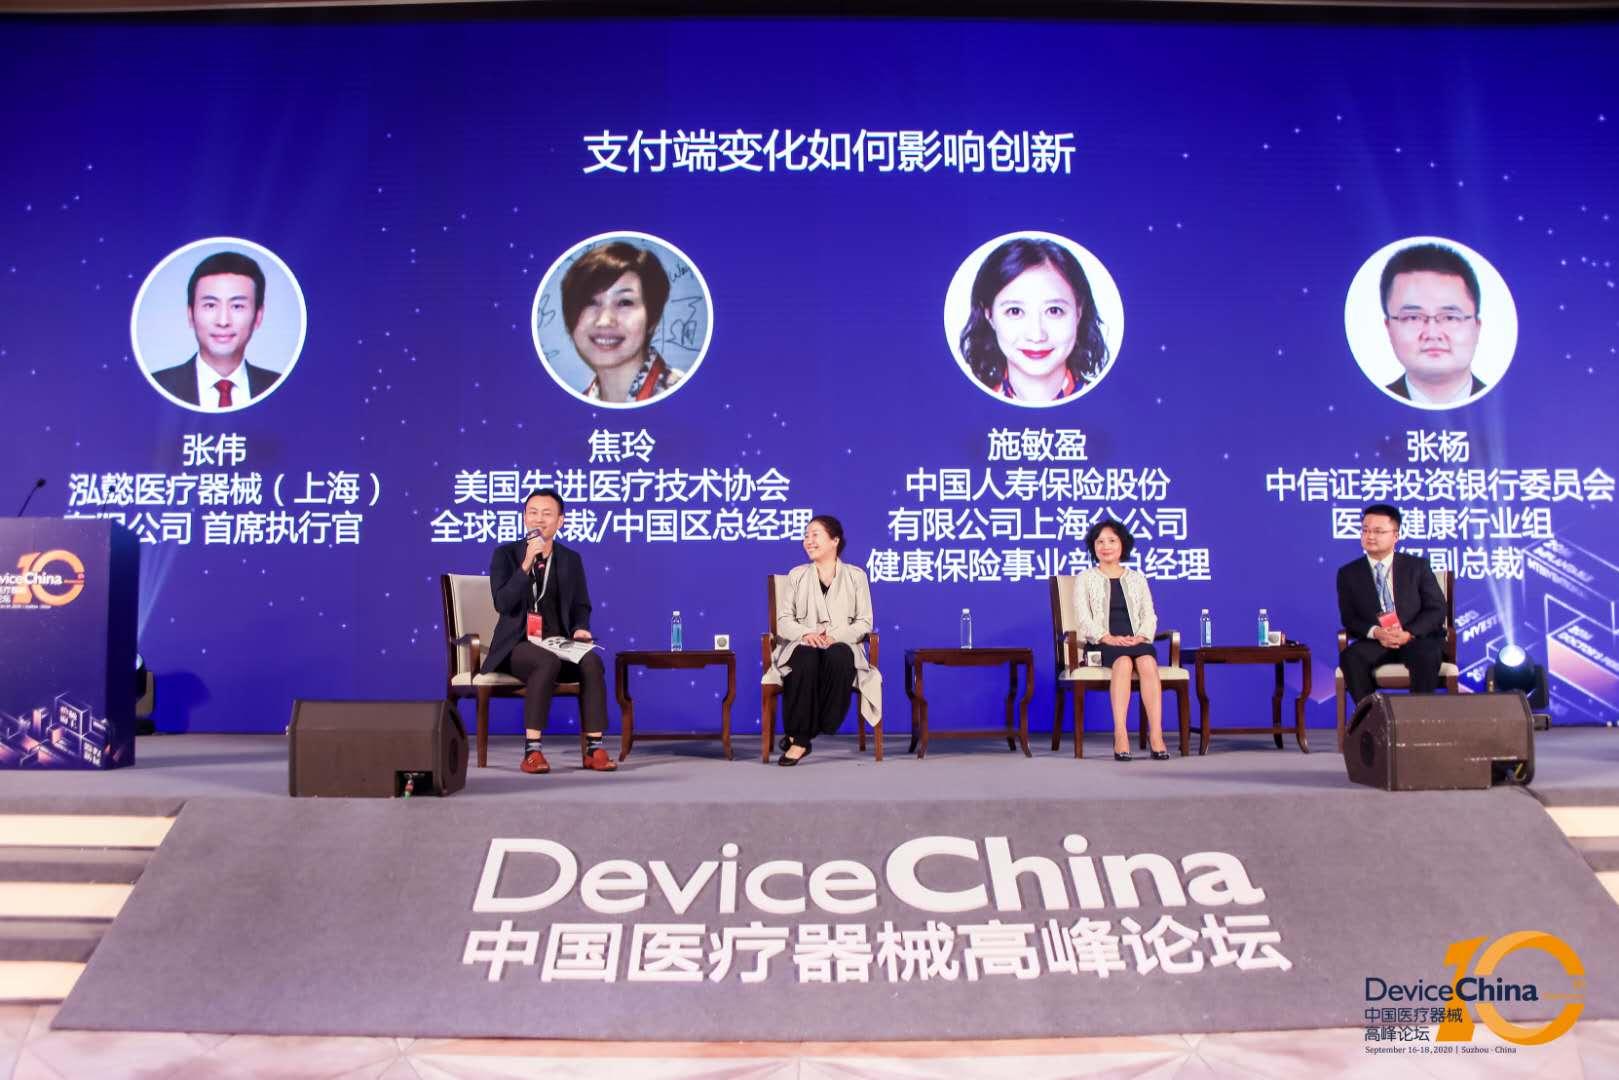 【直播DC2020】圆桌讨论:支付端变化如何影响创新